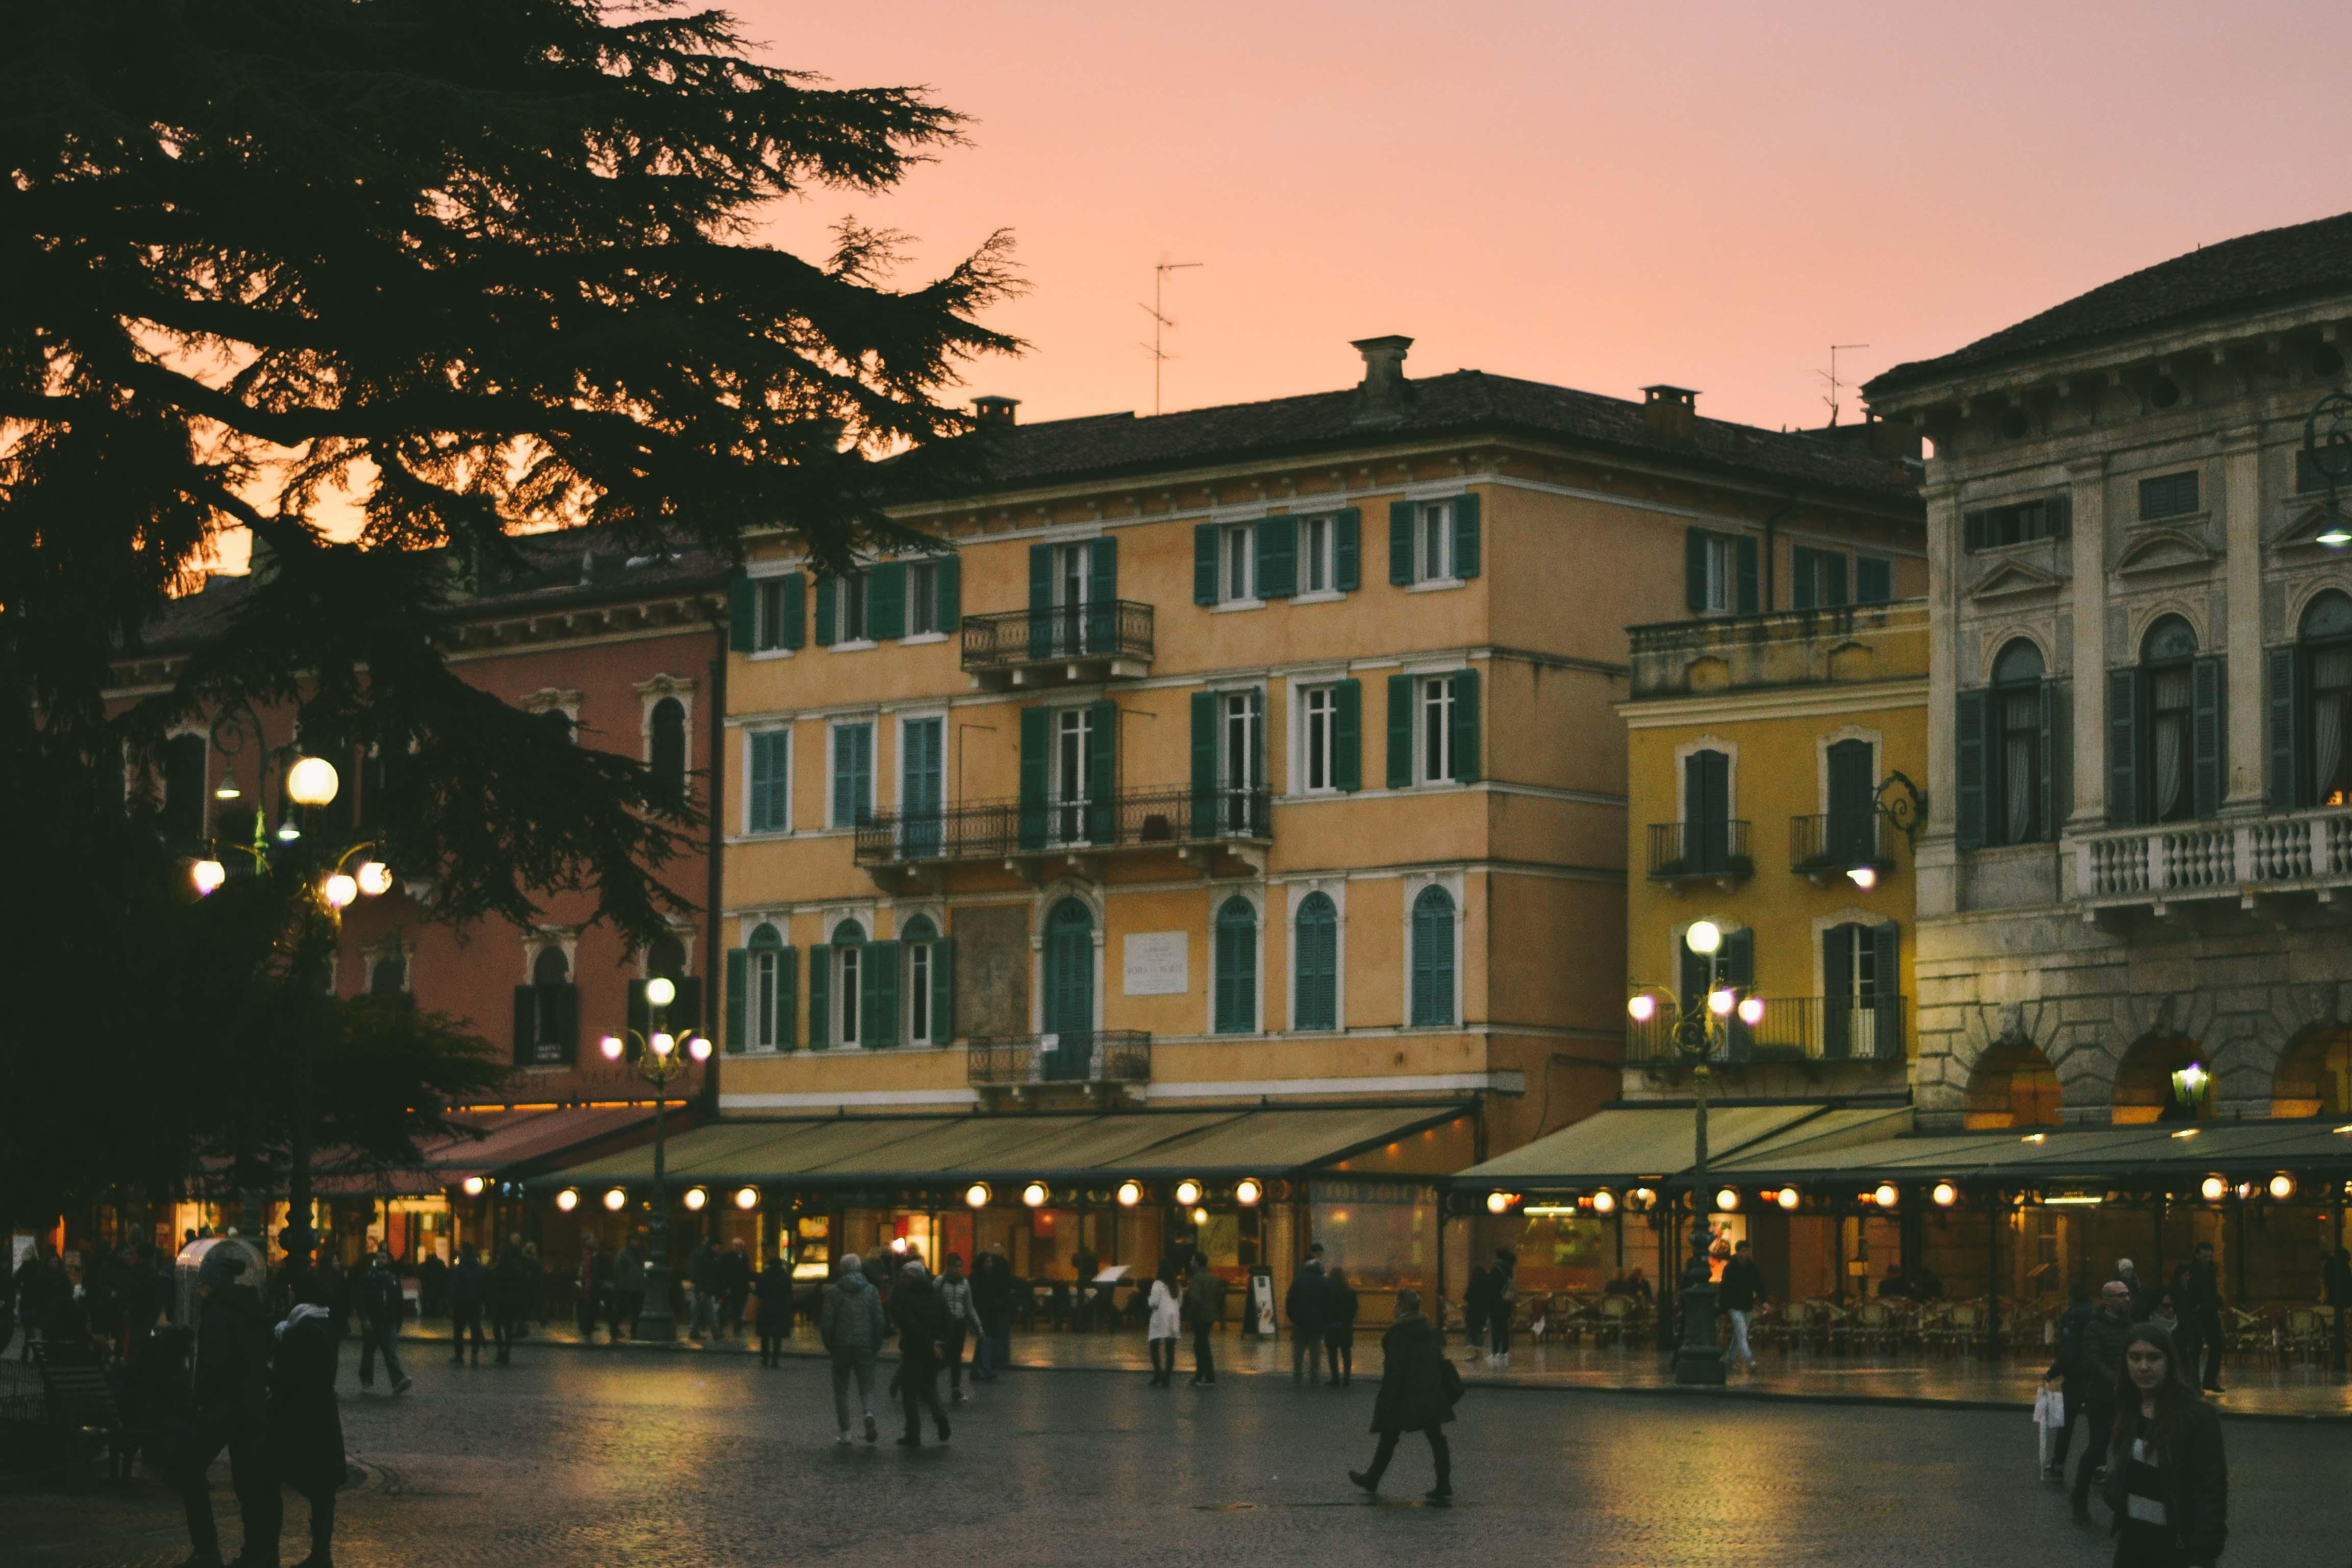 viagem-familia-italia-blog-milao-verona-pedido-casamento-trem-travel-19